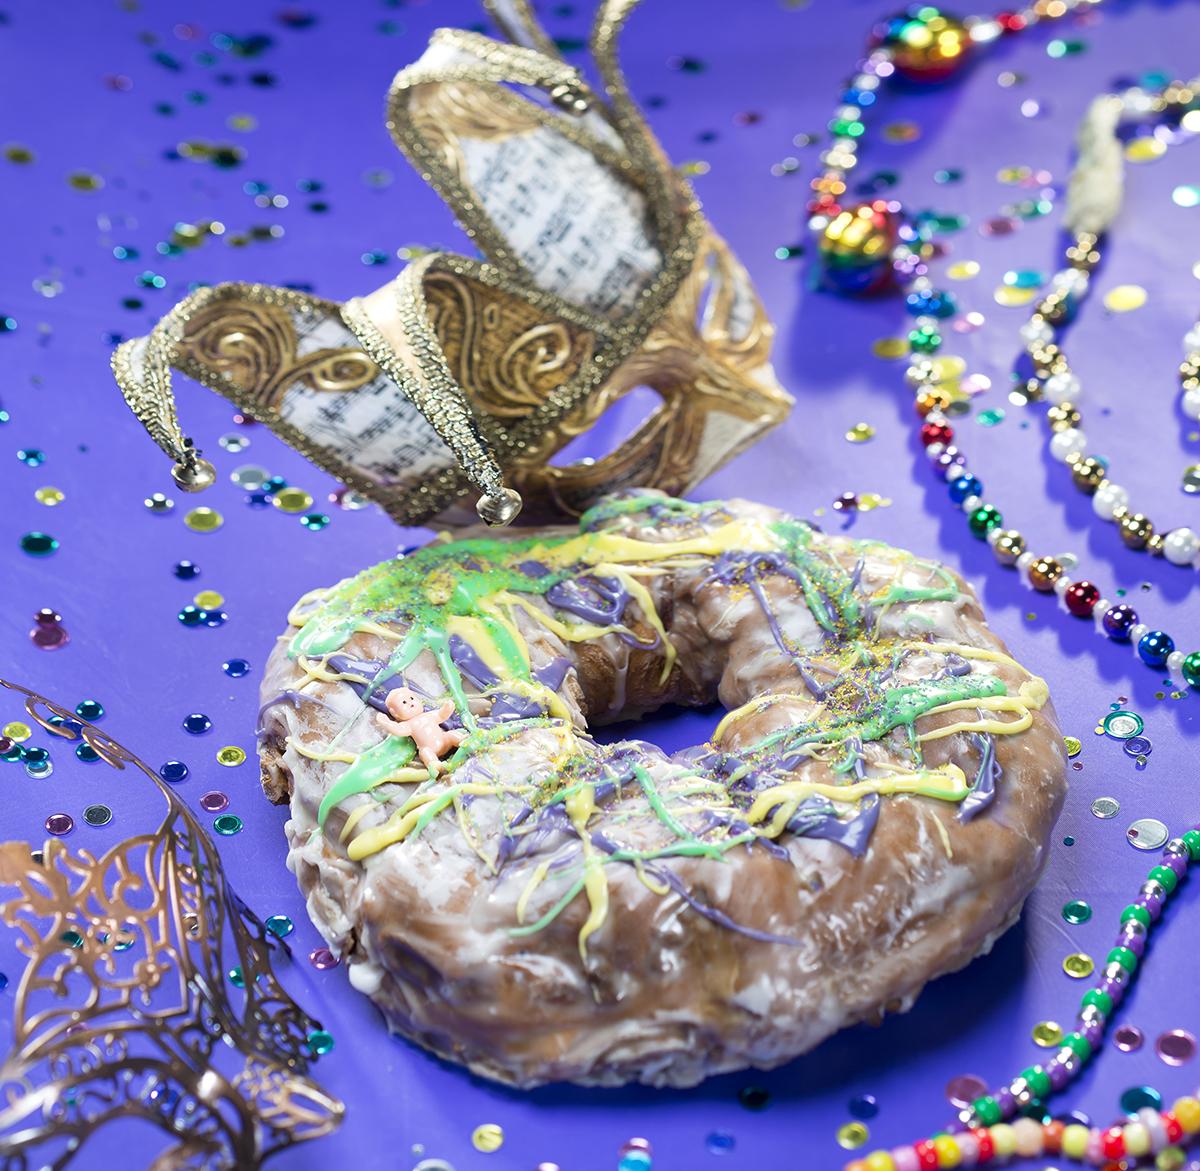 King cake at Kane's Donuts